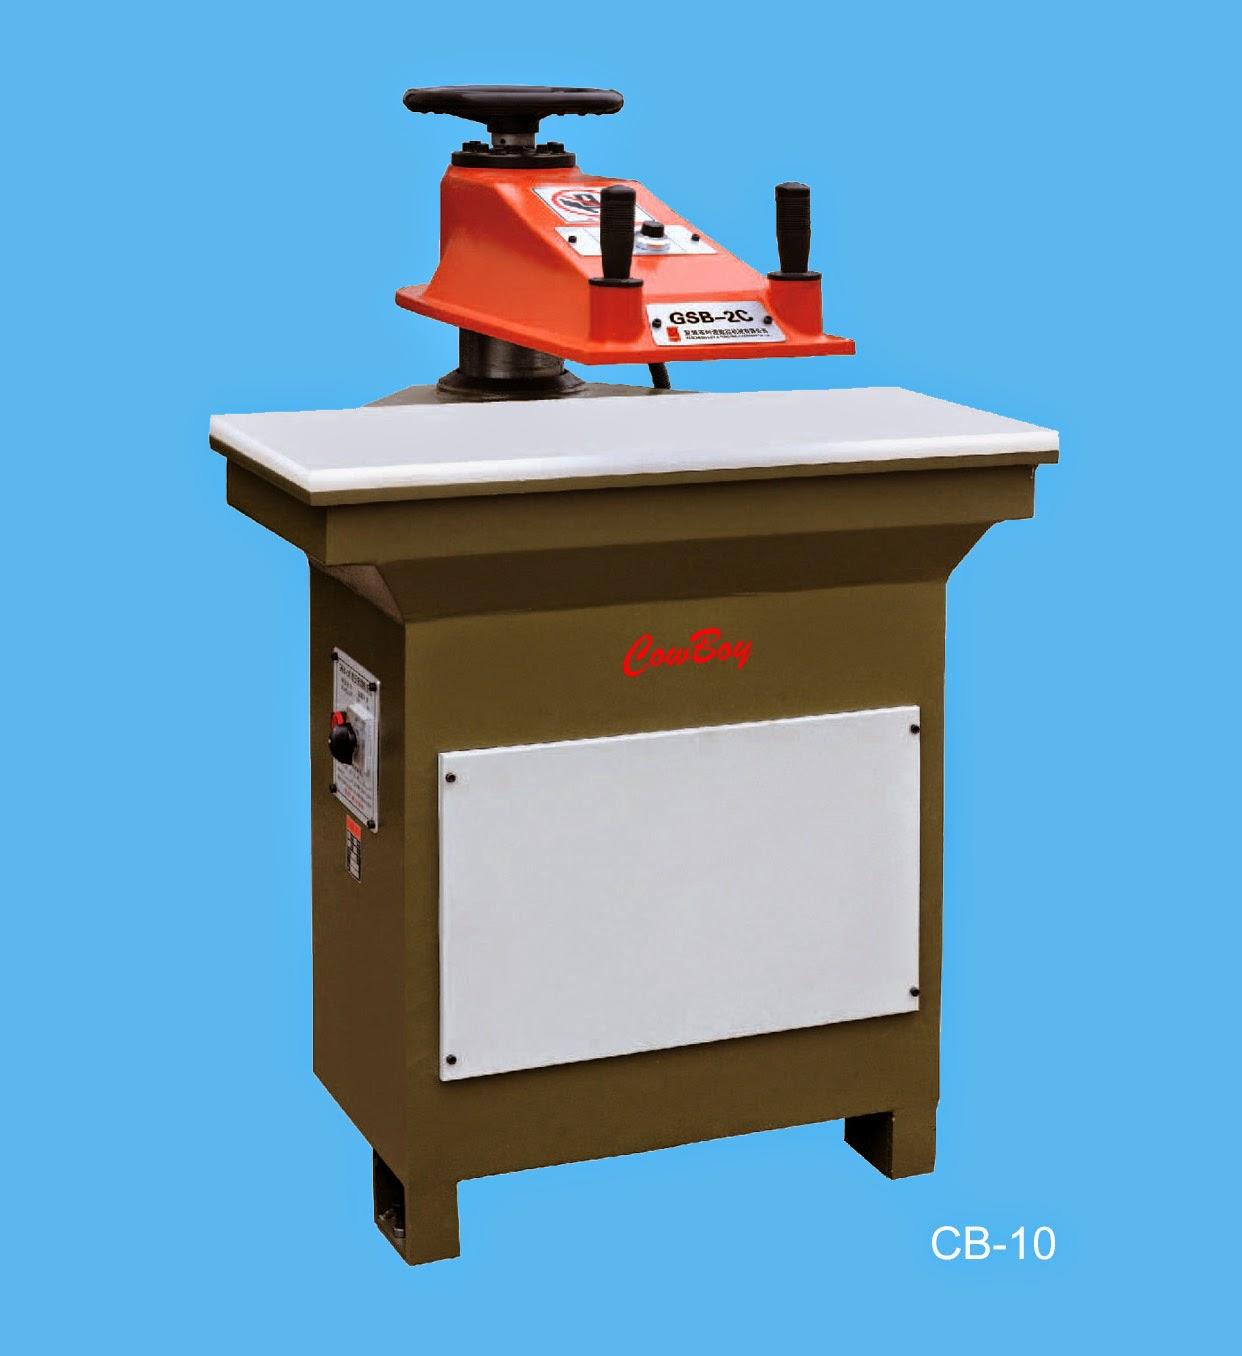 Heavy duty industrial sewing machines: Cowboy CB-10, CB-12, CB-16, and CB-20 Hydraulic Clicker Press